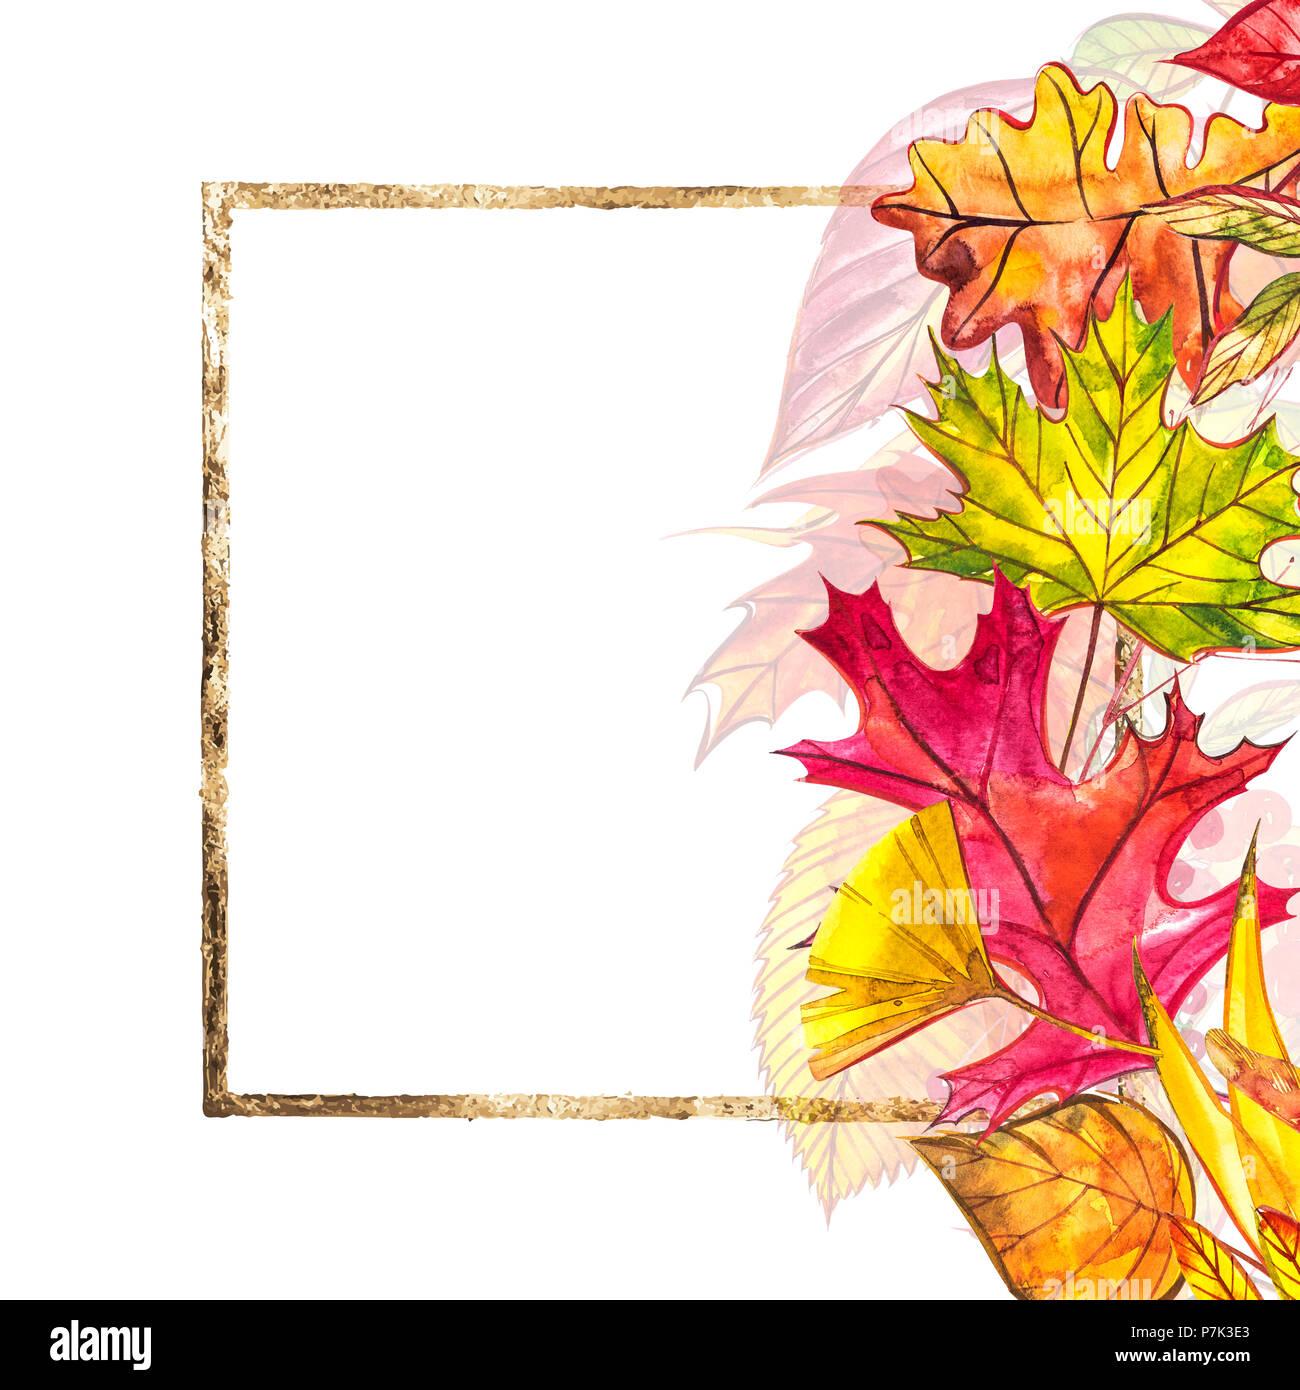 Herbst Vorlage Hintergrund. Saisonale Illustrationen. Web Banner ...